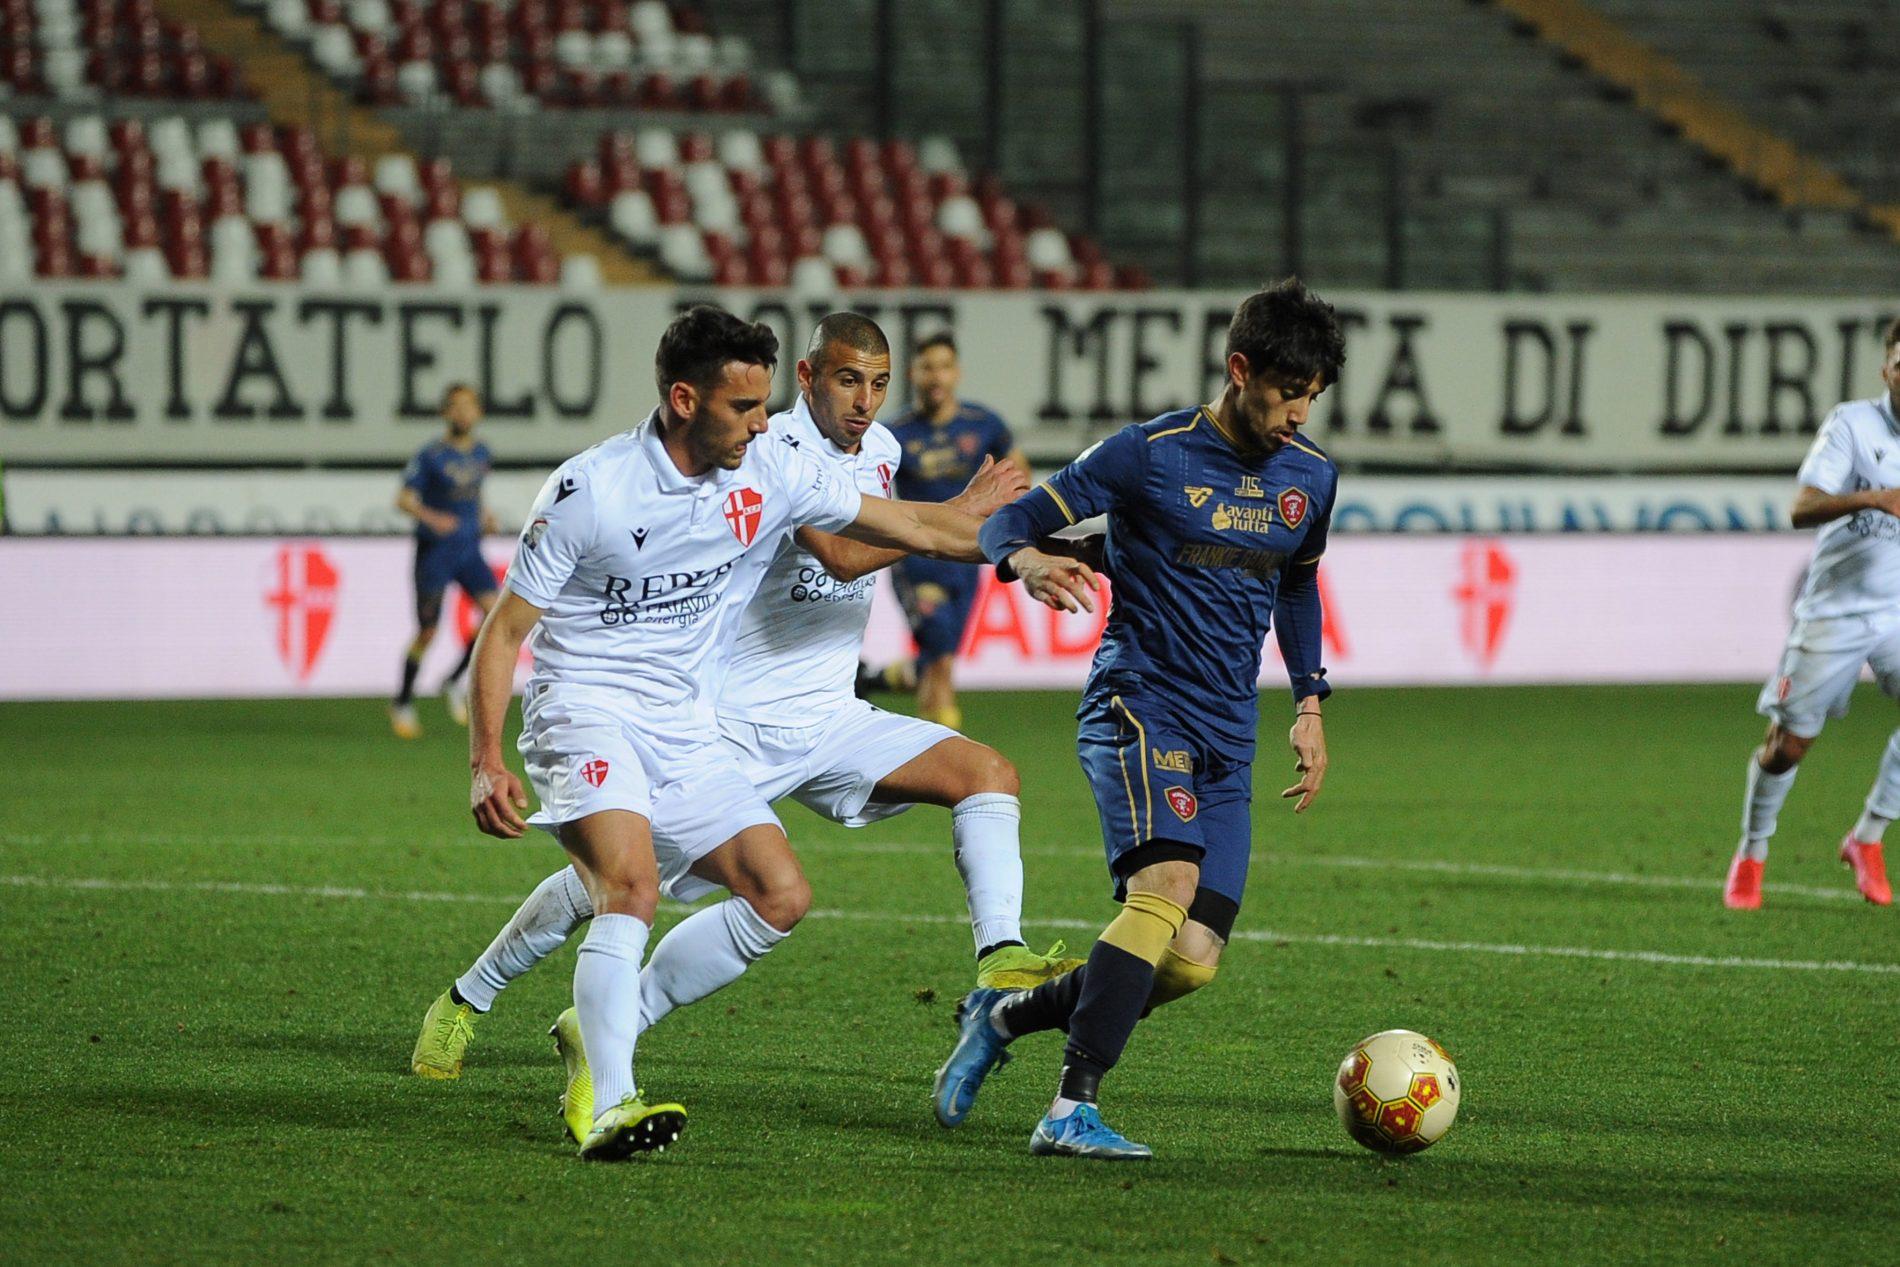 Chi segue il Grifo in B? La finale sarà tra Padova e Alessandria - Calcio  Grifo